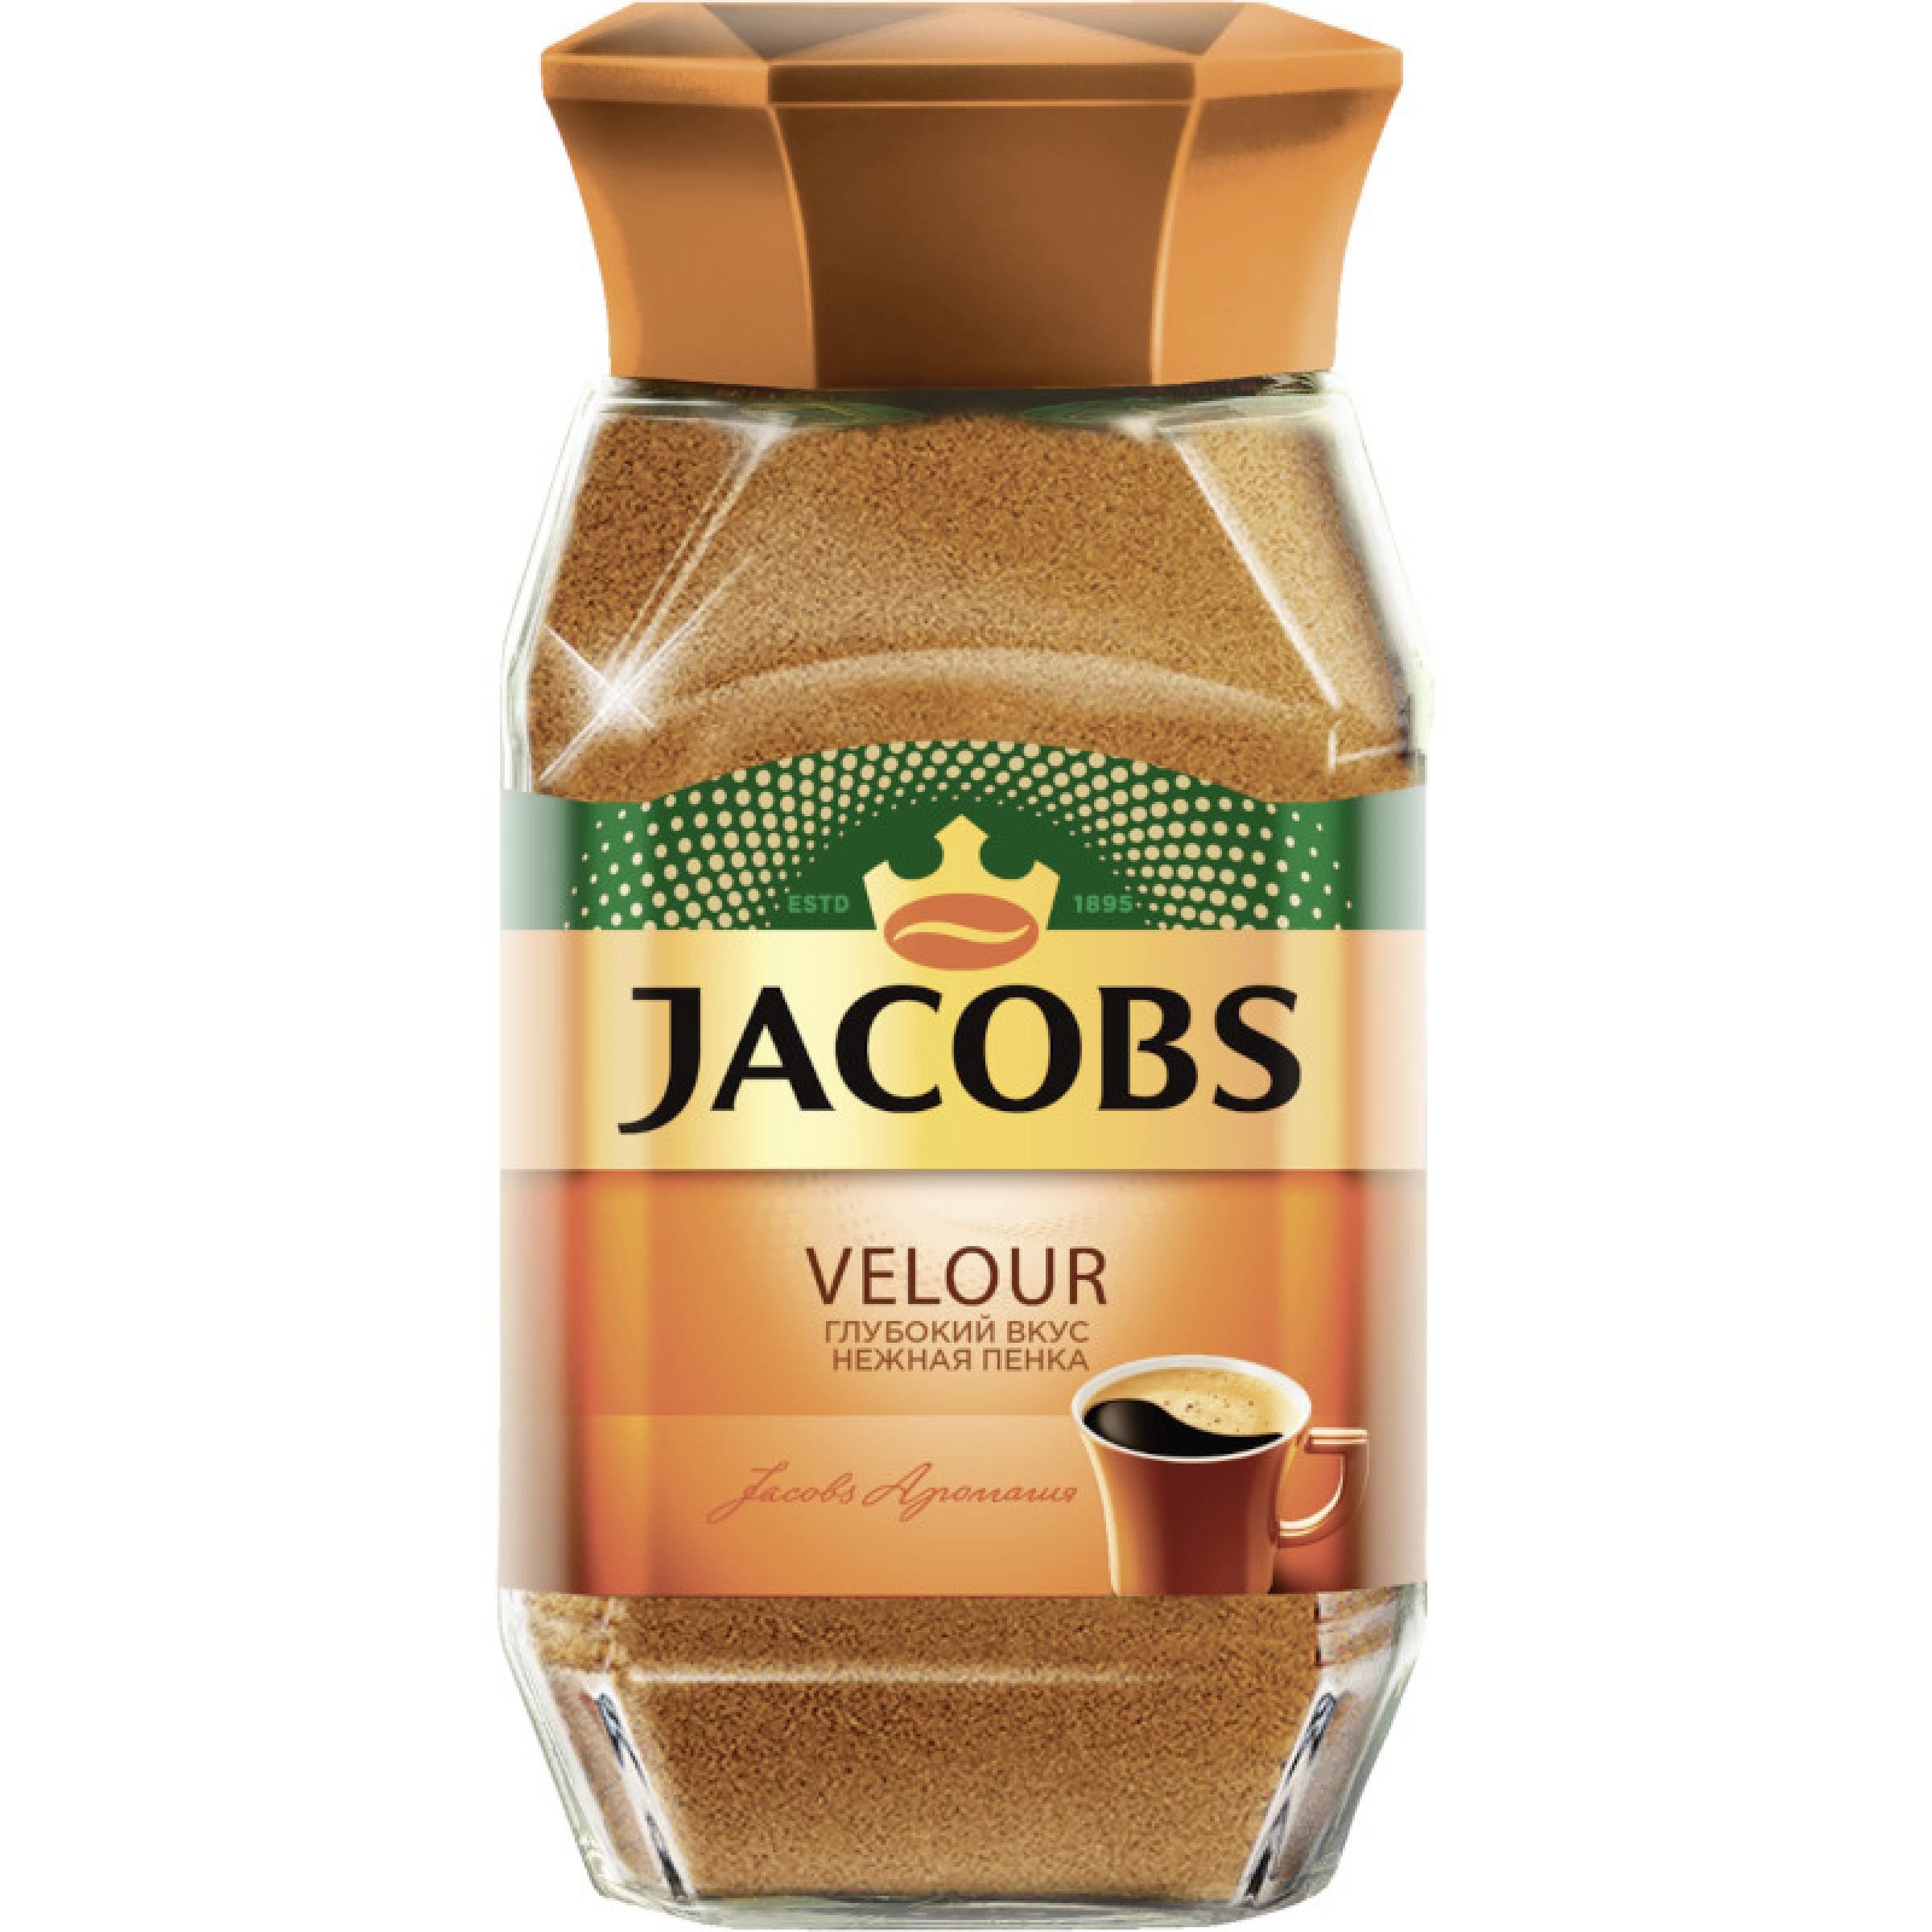 Кофе Jacobs Velour натуральный растворимый, 95 гр